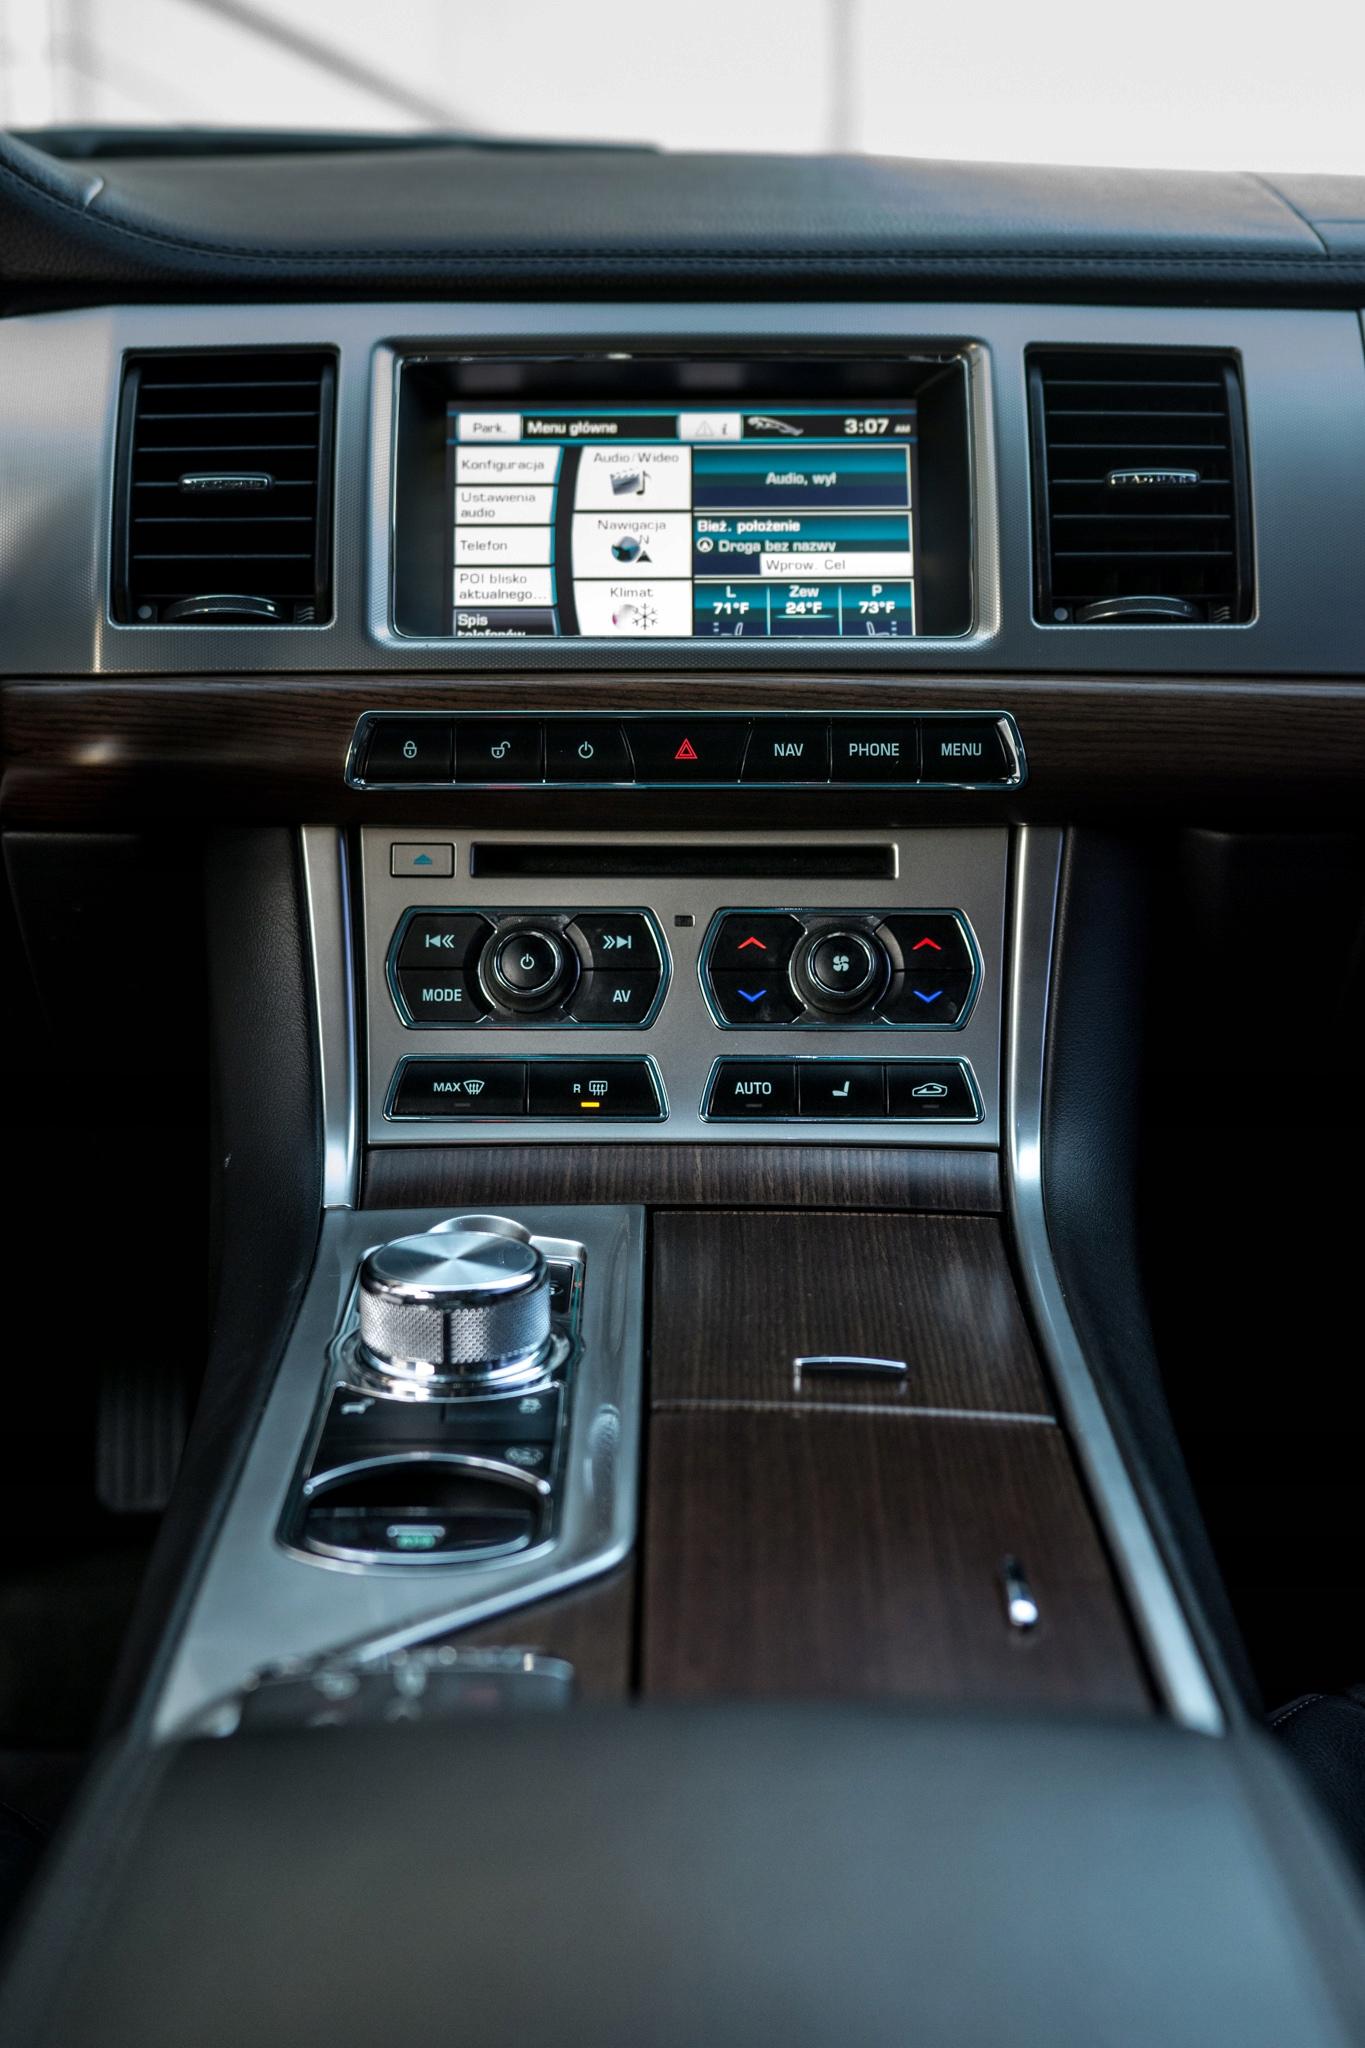 Jaguar XF X250 2013 - 7713826324 - oficjalne archiwum allegro